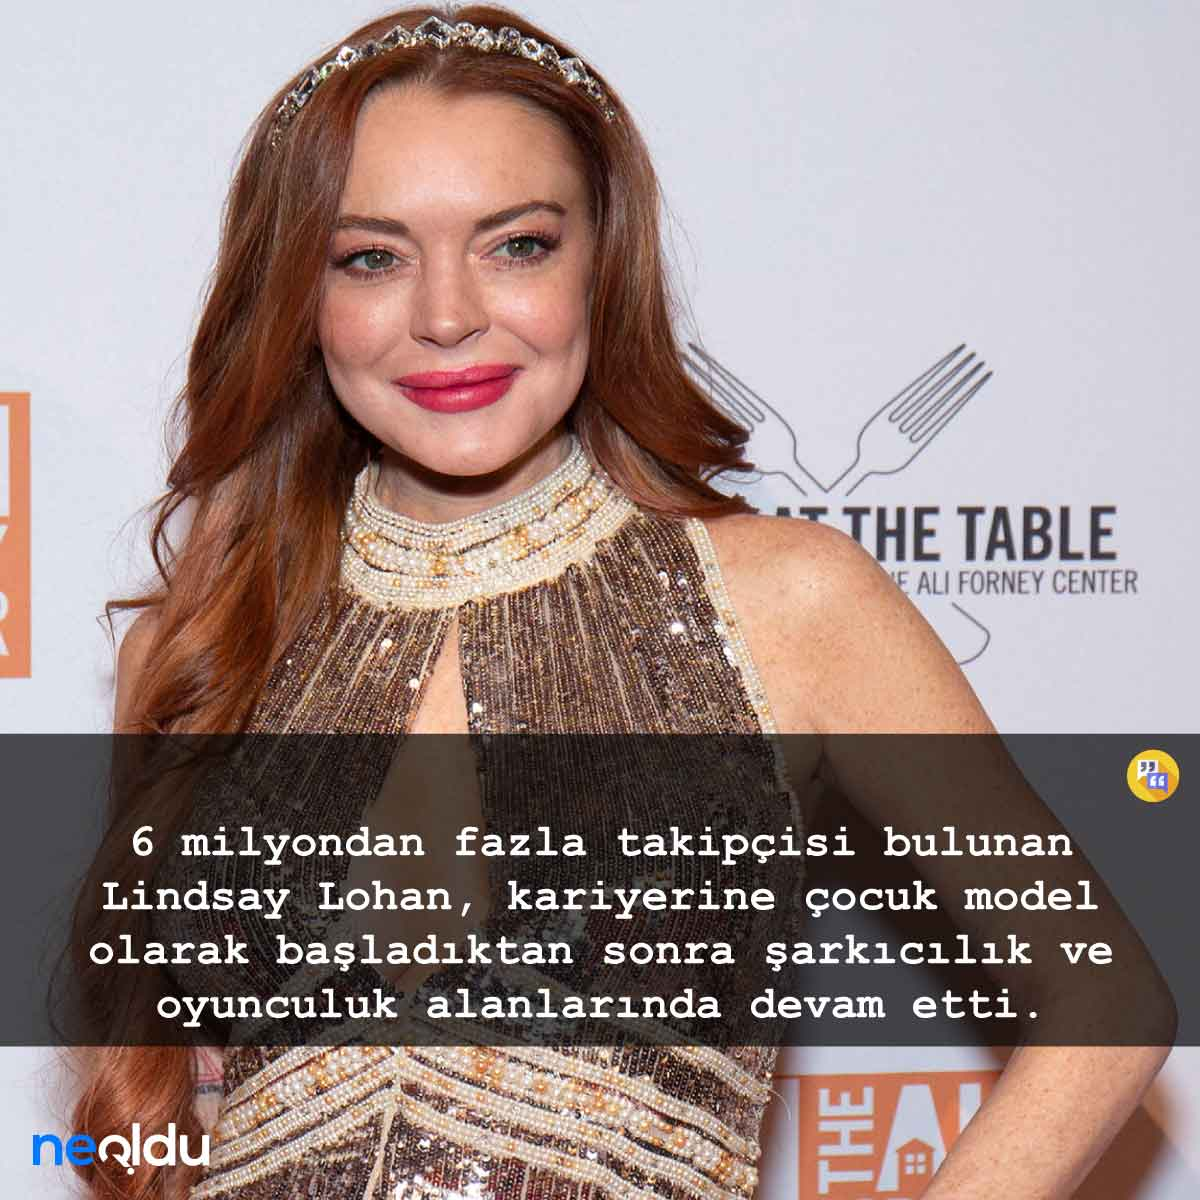 Lindsay Lohan Hakkında Bilinmeyenler